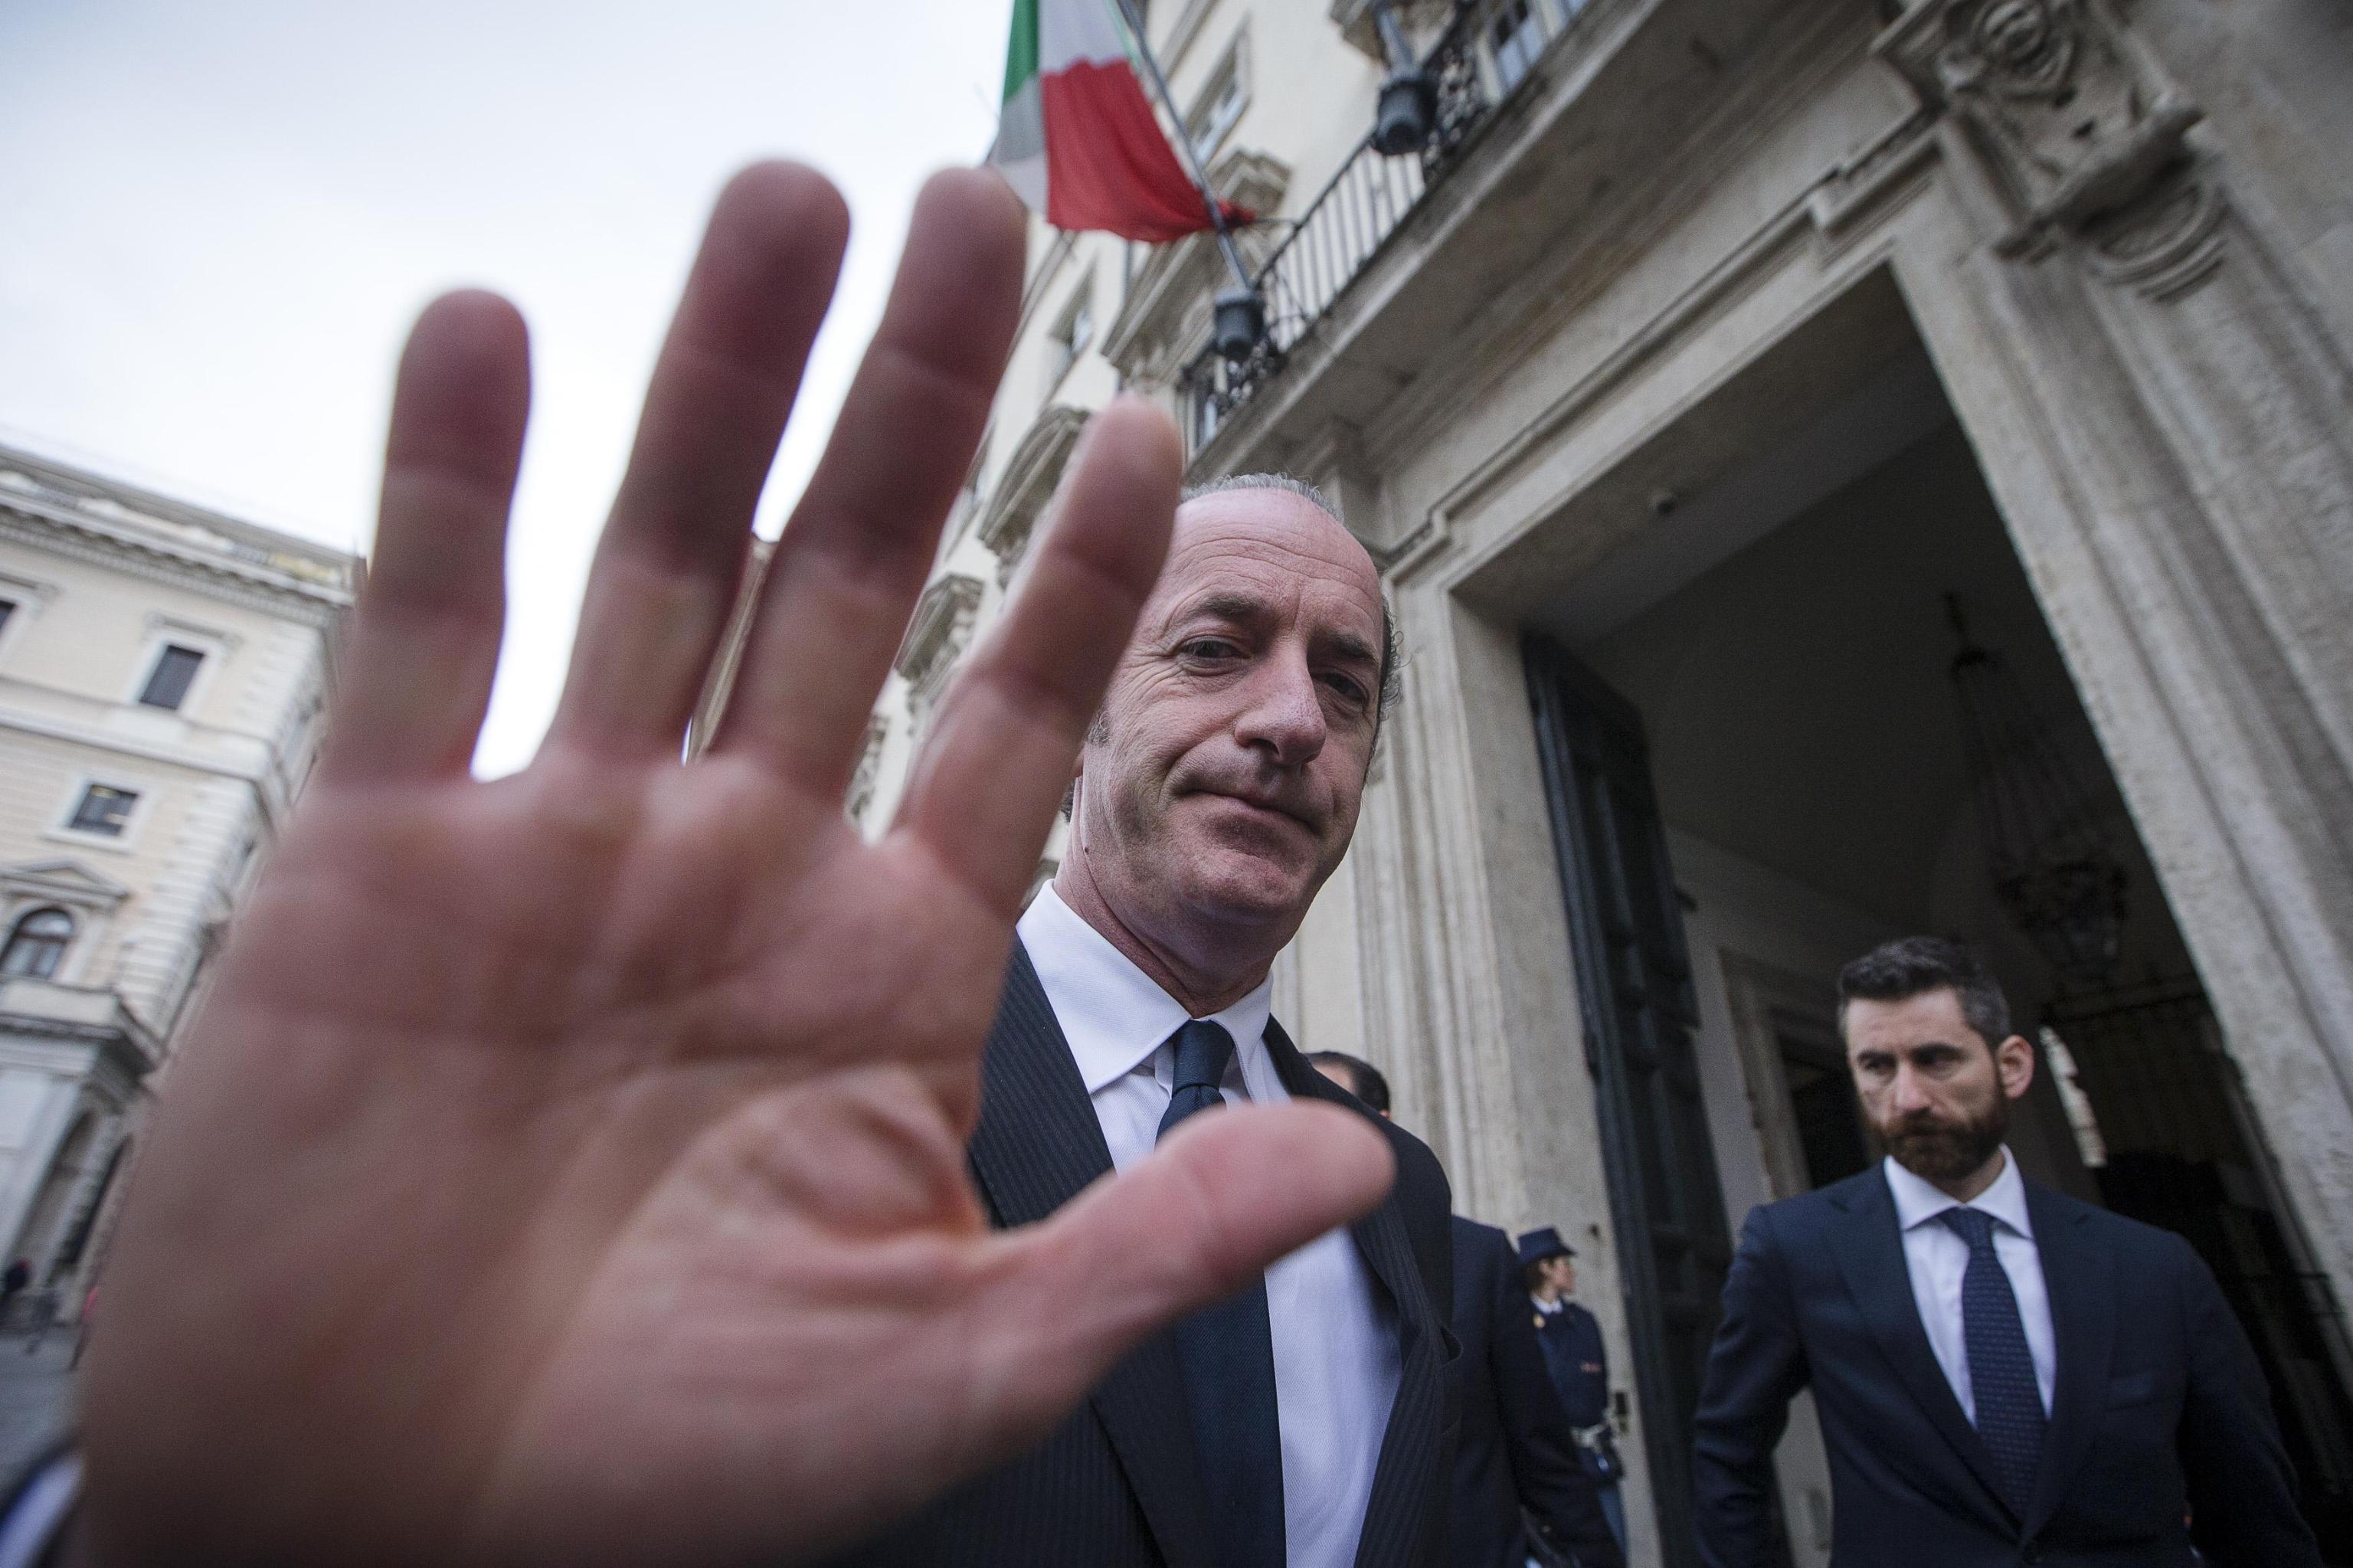 Vaccini news, Zaia fa ricorso contro il decreto e Maroni lo appoggia: 'La Lombardia sostiene il Veneto'